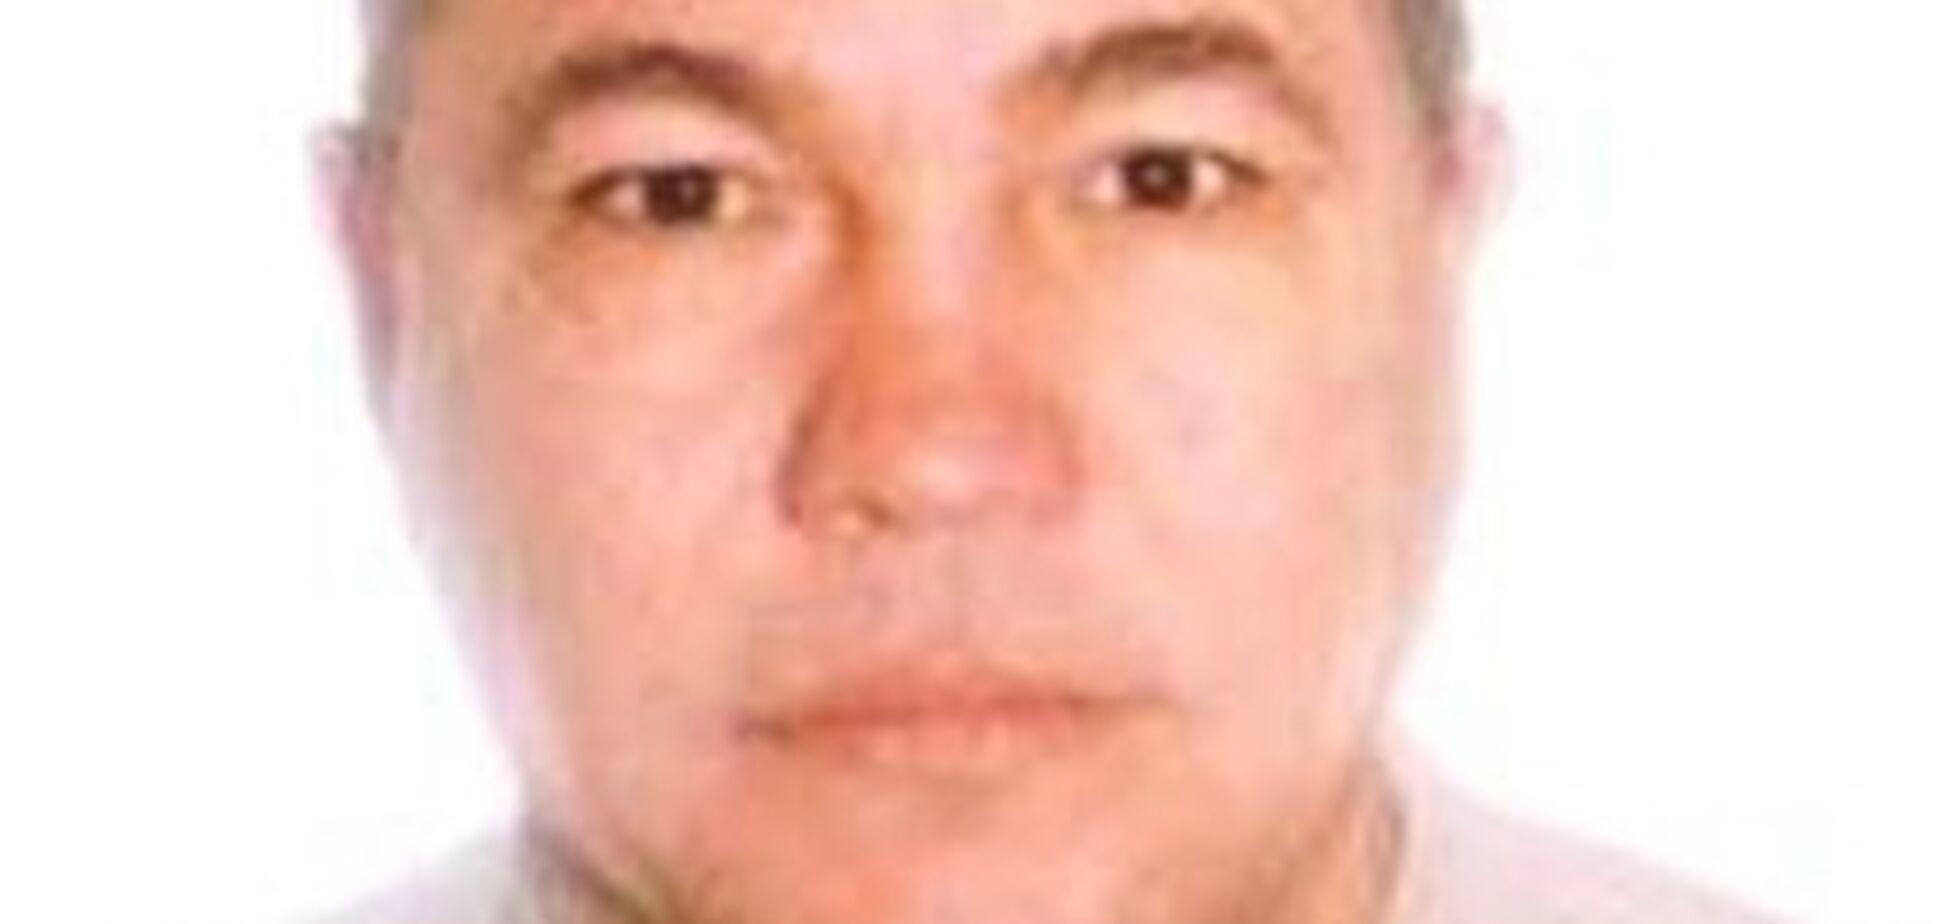 В Одессе экс-милиционера, расстрелявшего человека, объявили в розыск